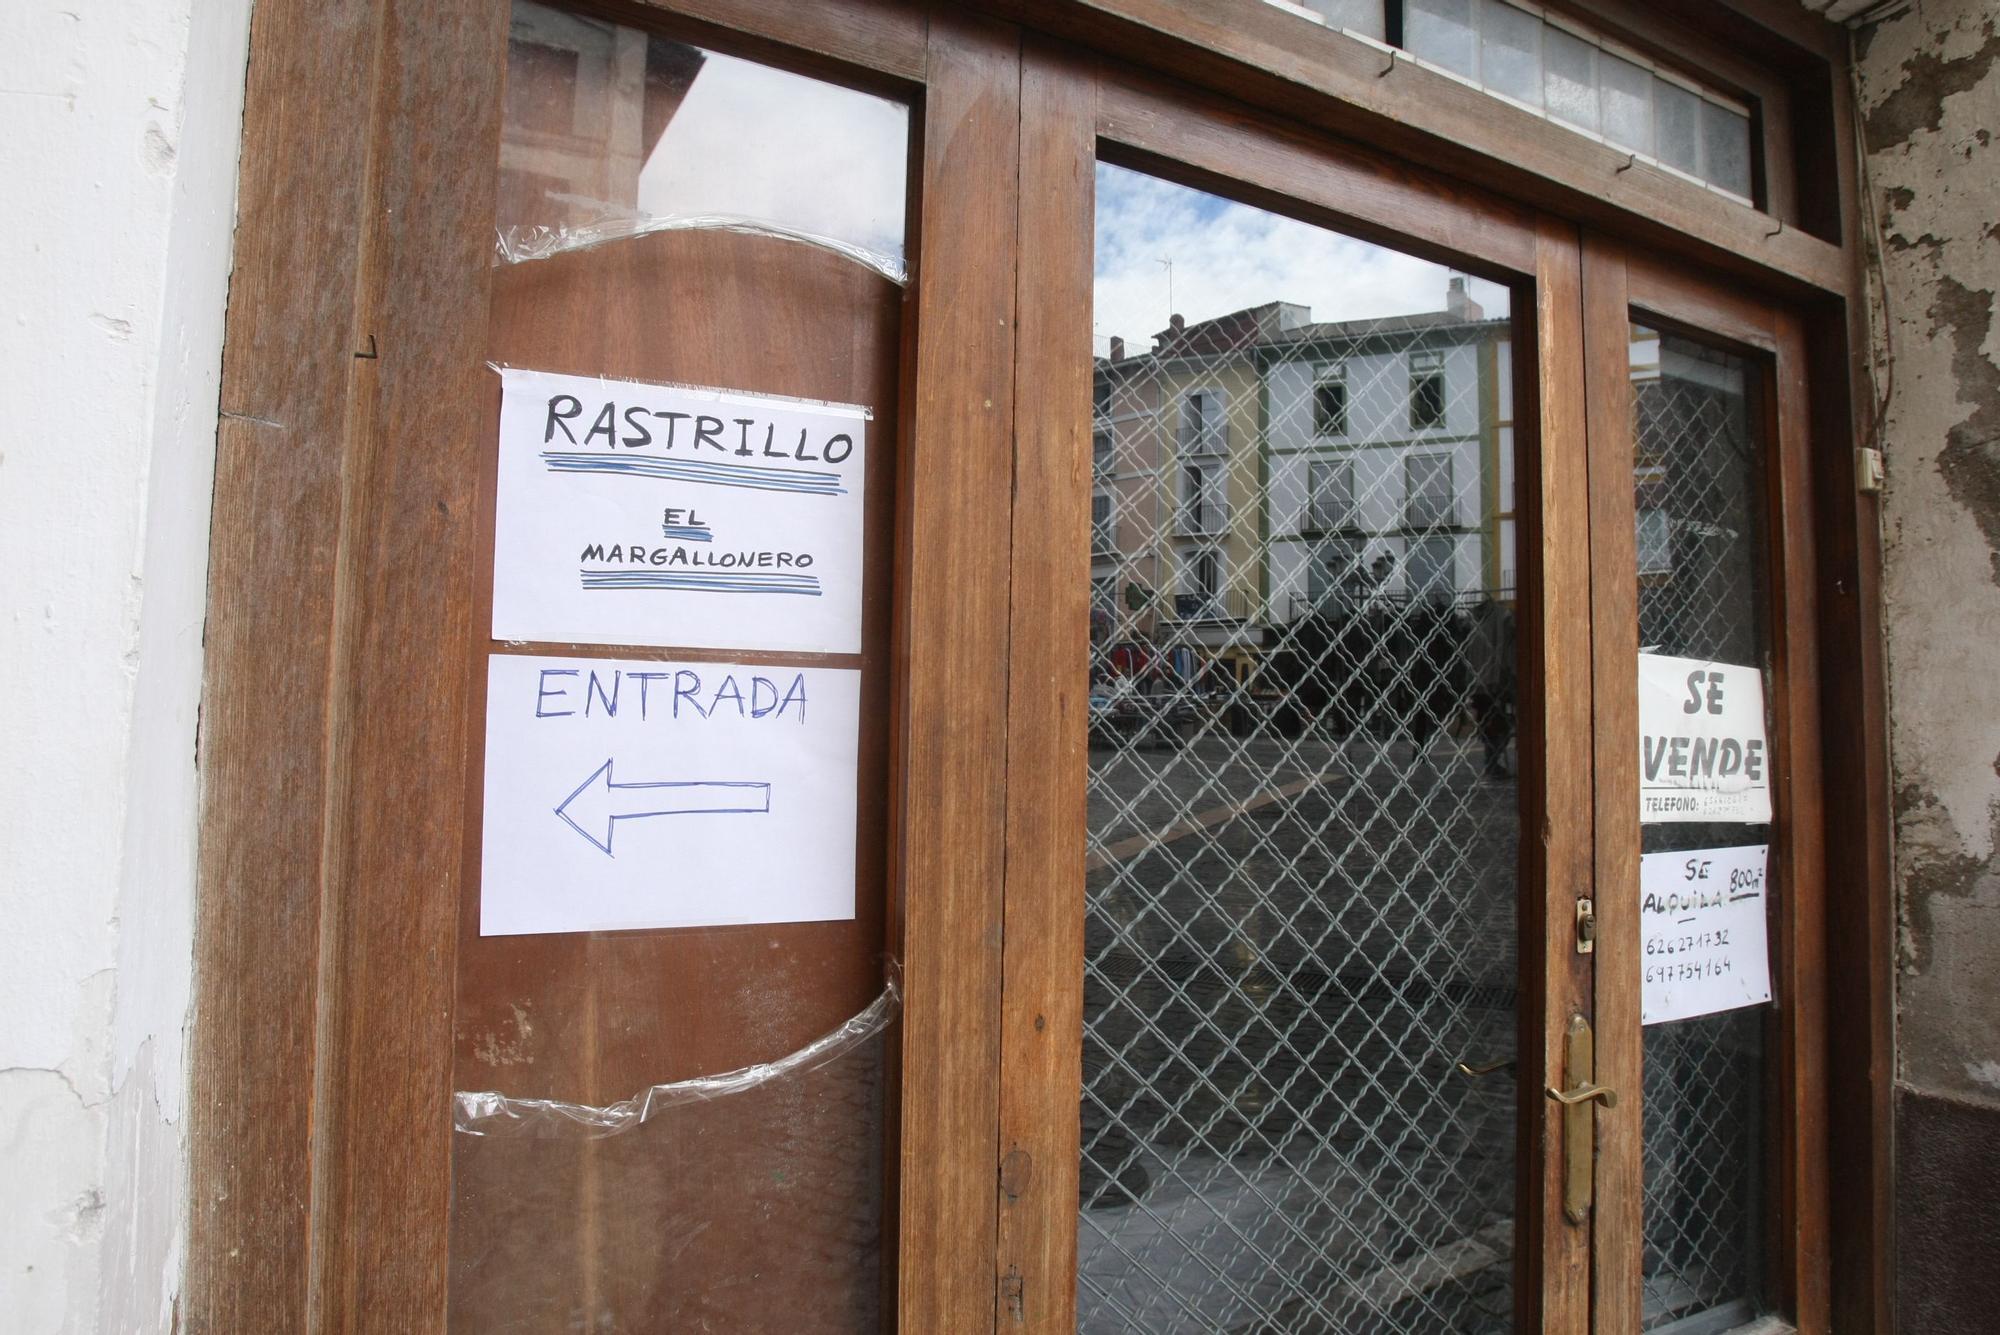 """La casa del """"Margallonero"""", un inmueble emblemático de Xàtiva en riesgo de derrumbe"""